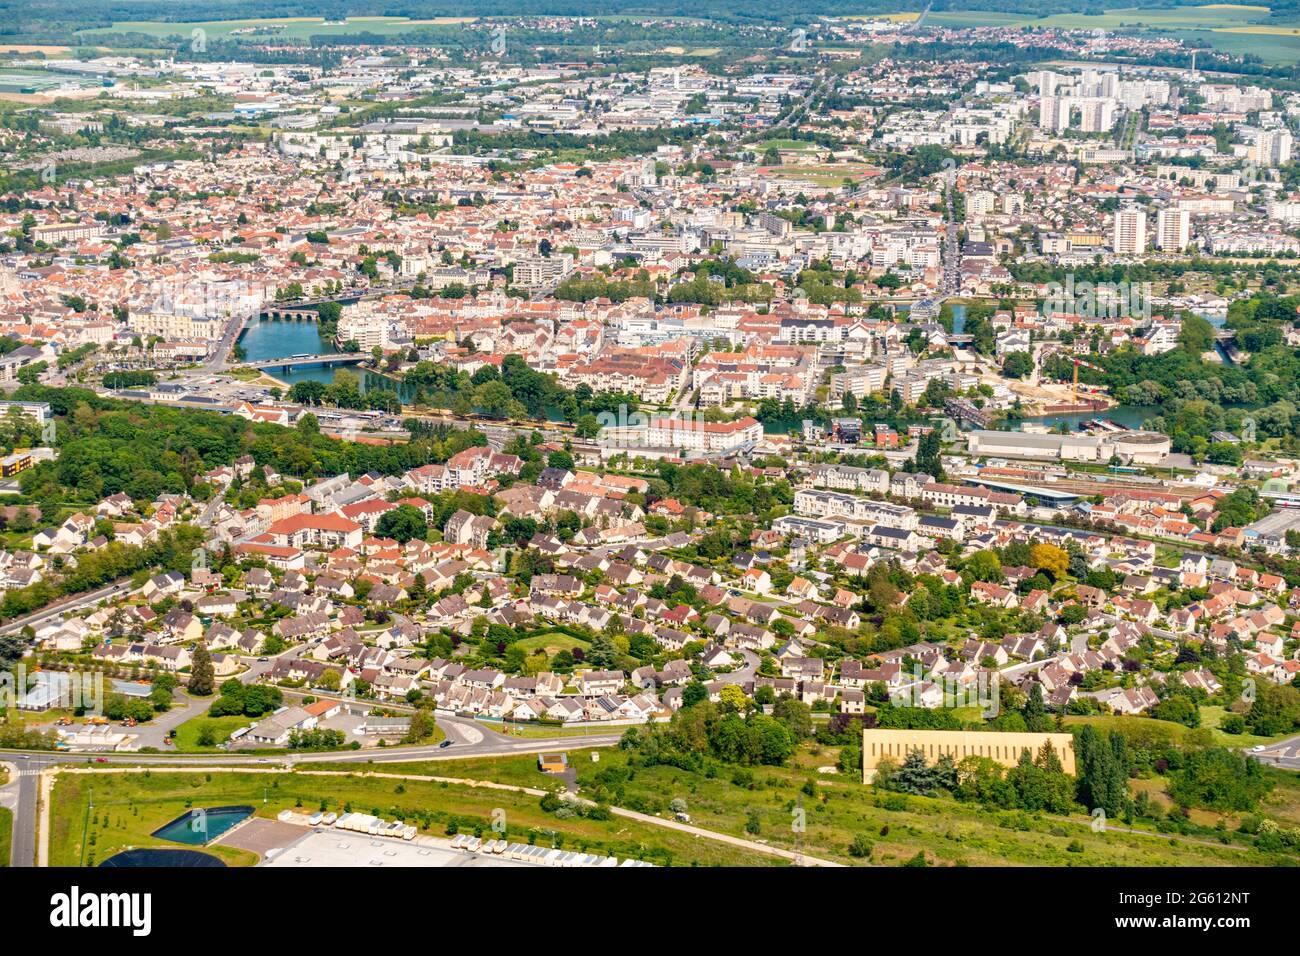 France, Seine et Marne, Meaux (vue aérienne) Banque D'Images